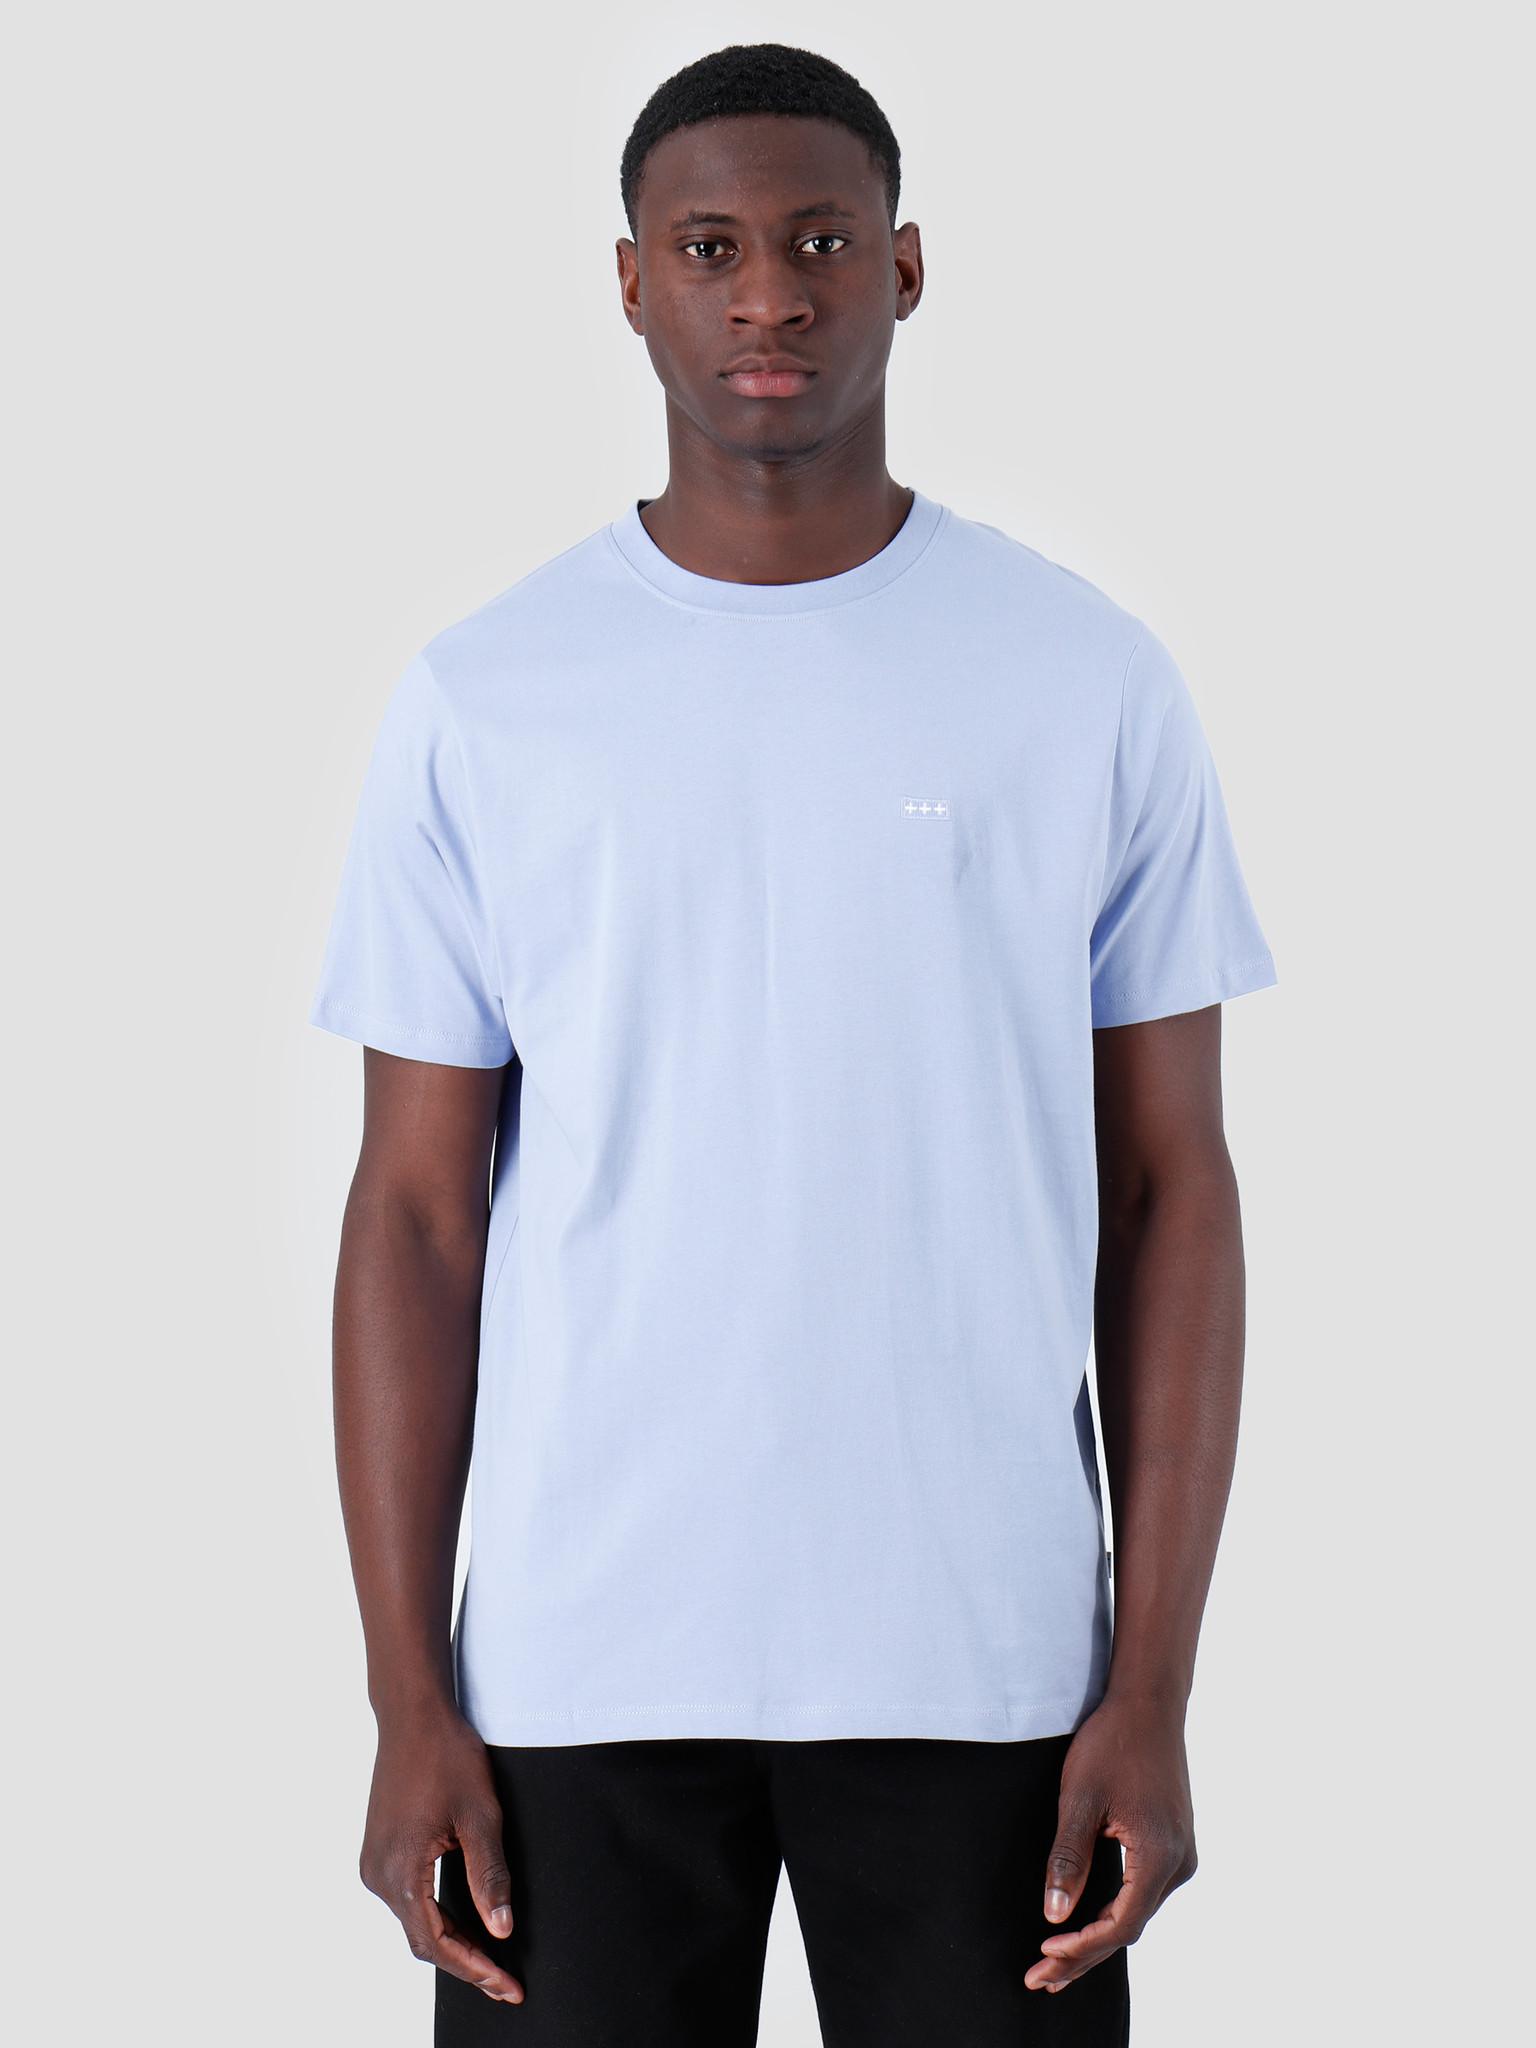 Quality Blanks Quality Blanks QB03 Patch Logo T-shirt Lilac